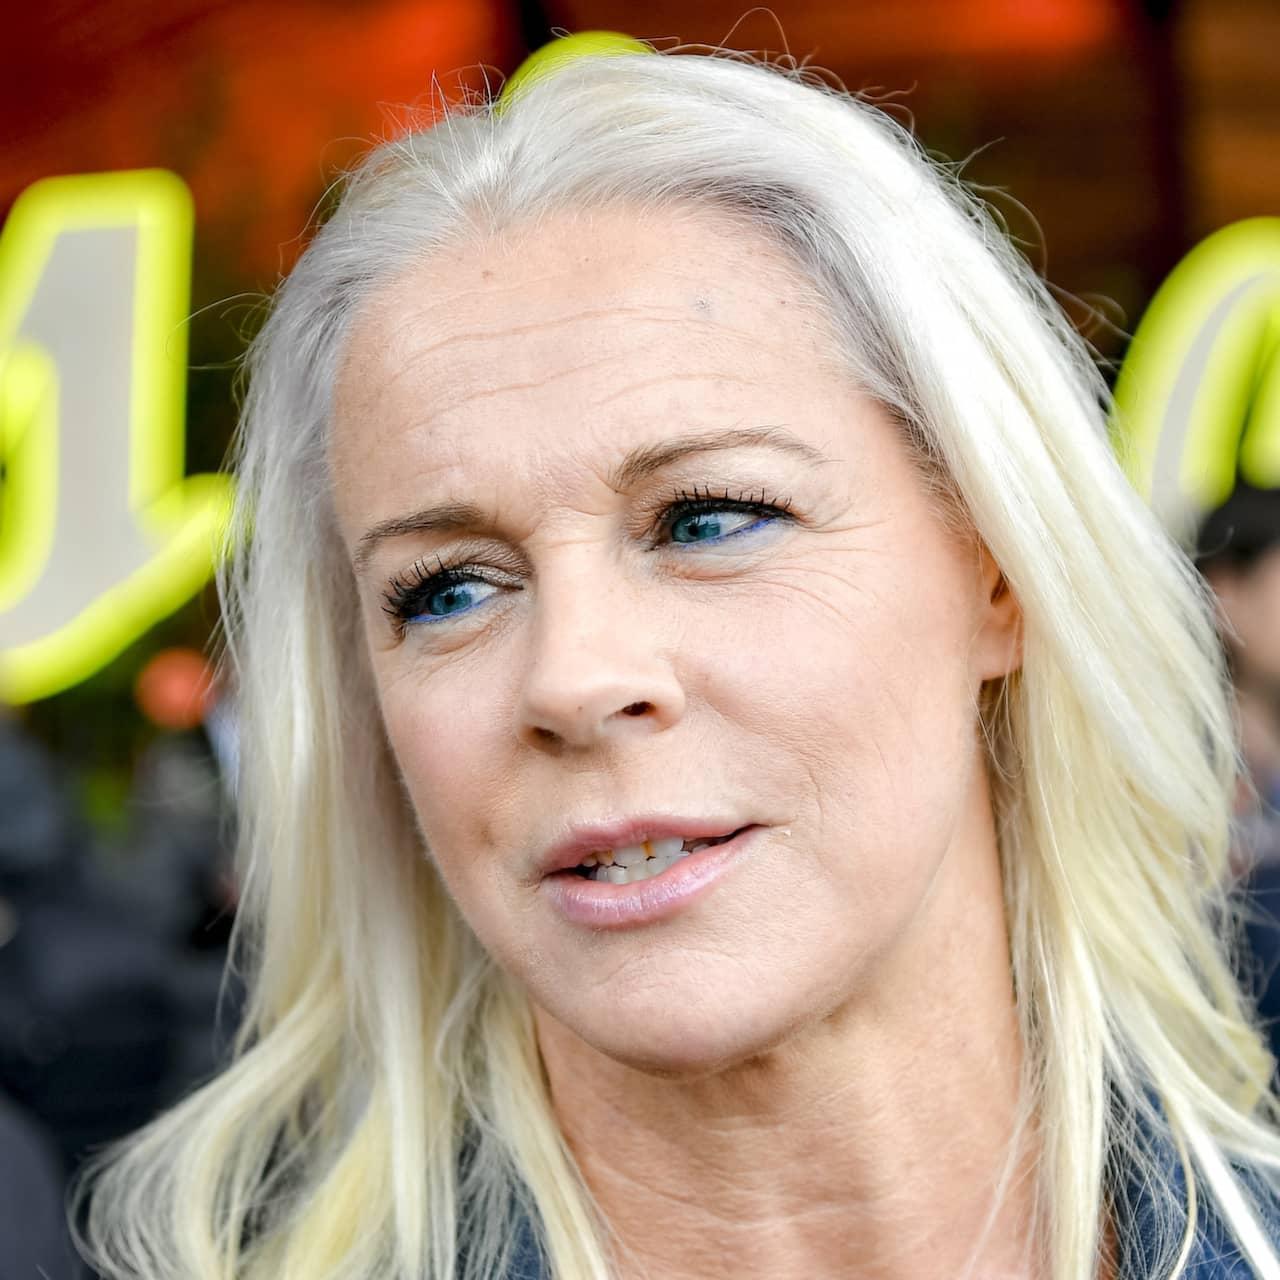 42. Malena Ernman